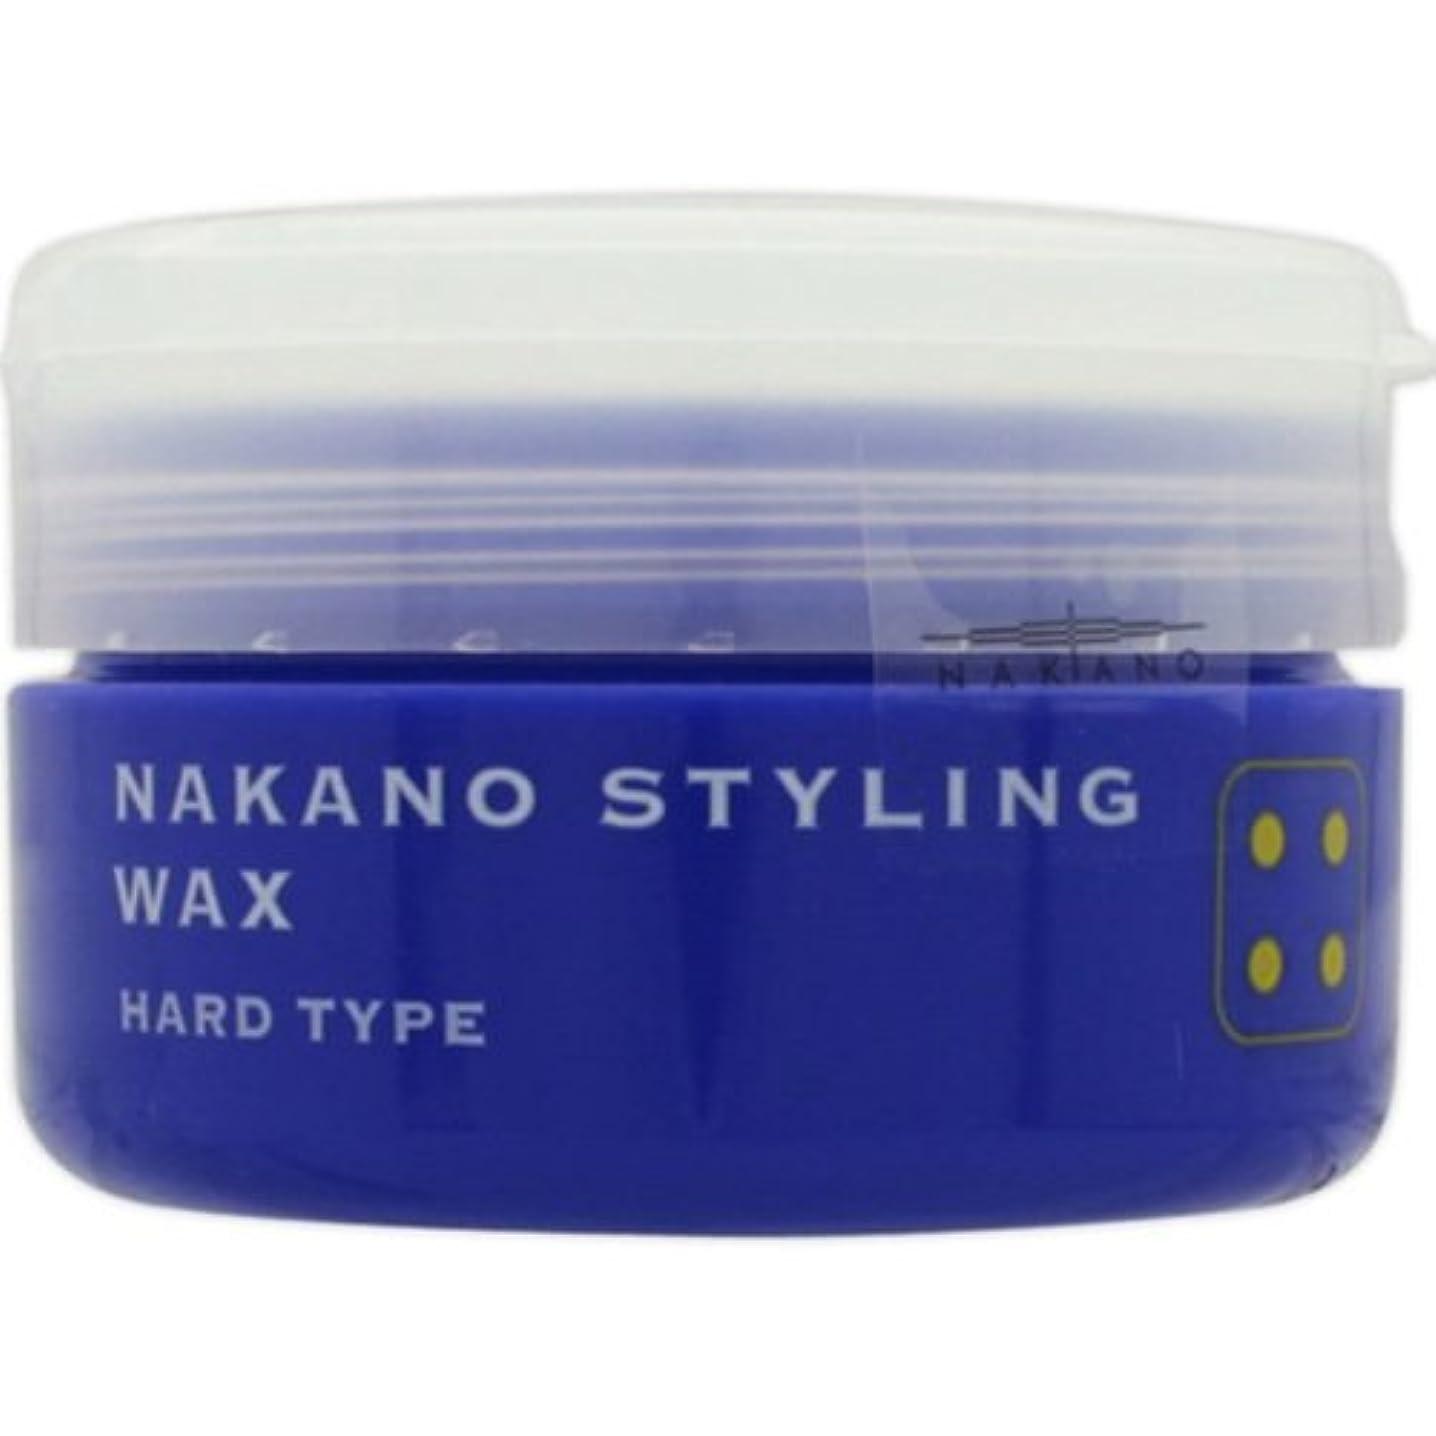 最小規範私たちのものナカノ スタイリングワックス 4 ハードタイプ 90g 中野製薬 NAKANO [並行輸入品]